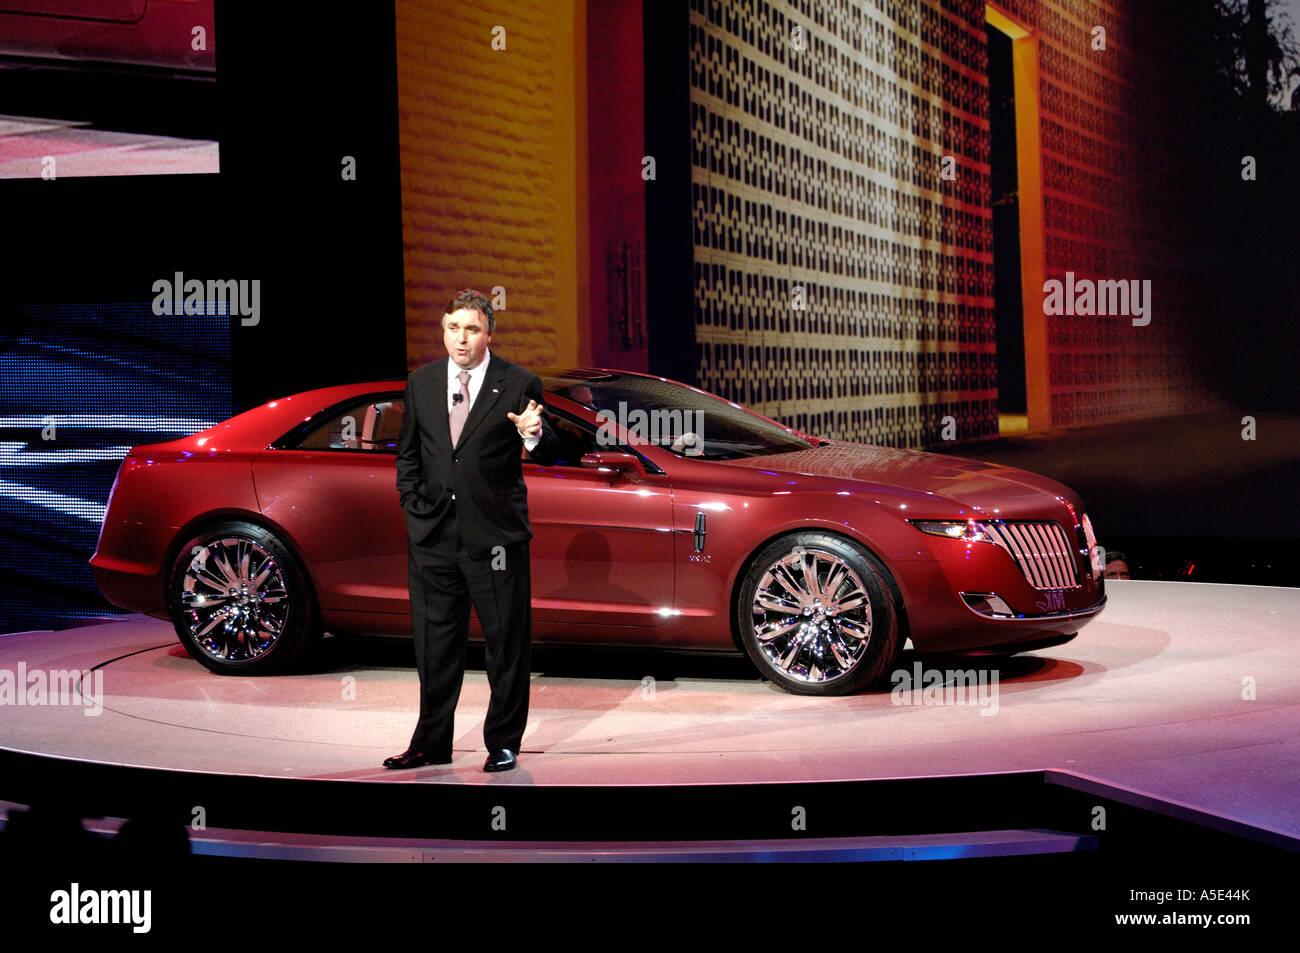 https://c7.alamy.com/comp/A5E44K/ford-motor-company-executive-director-of-design-peter-horbury-introducing-A5E44K.jpg